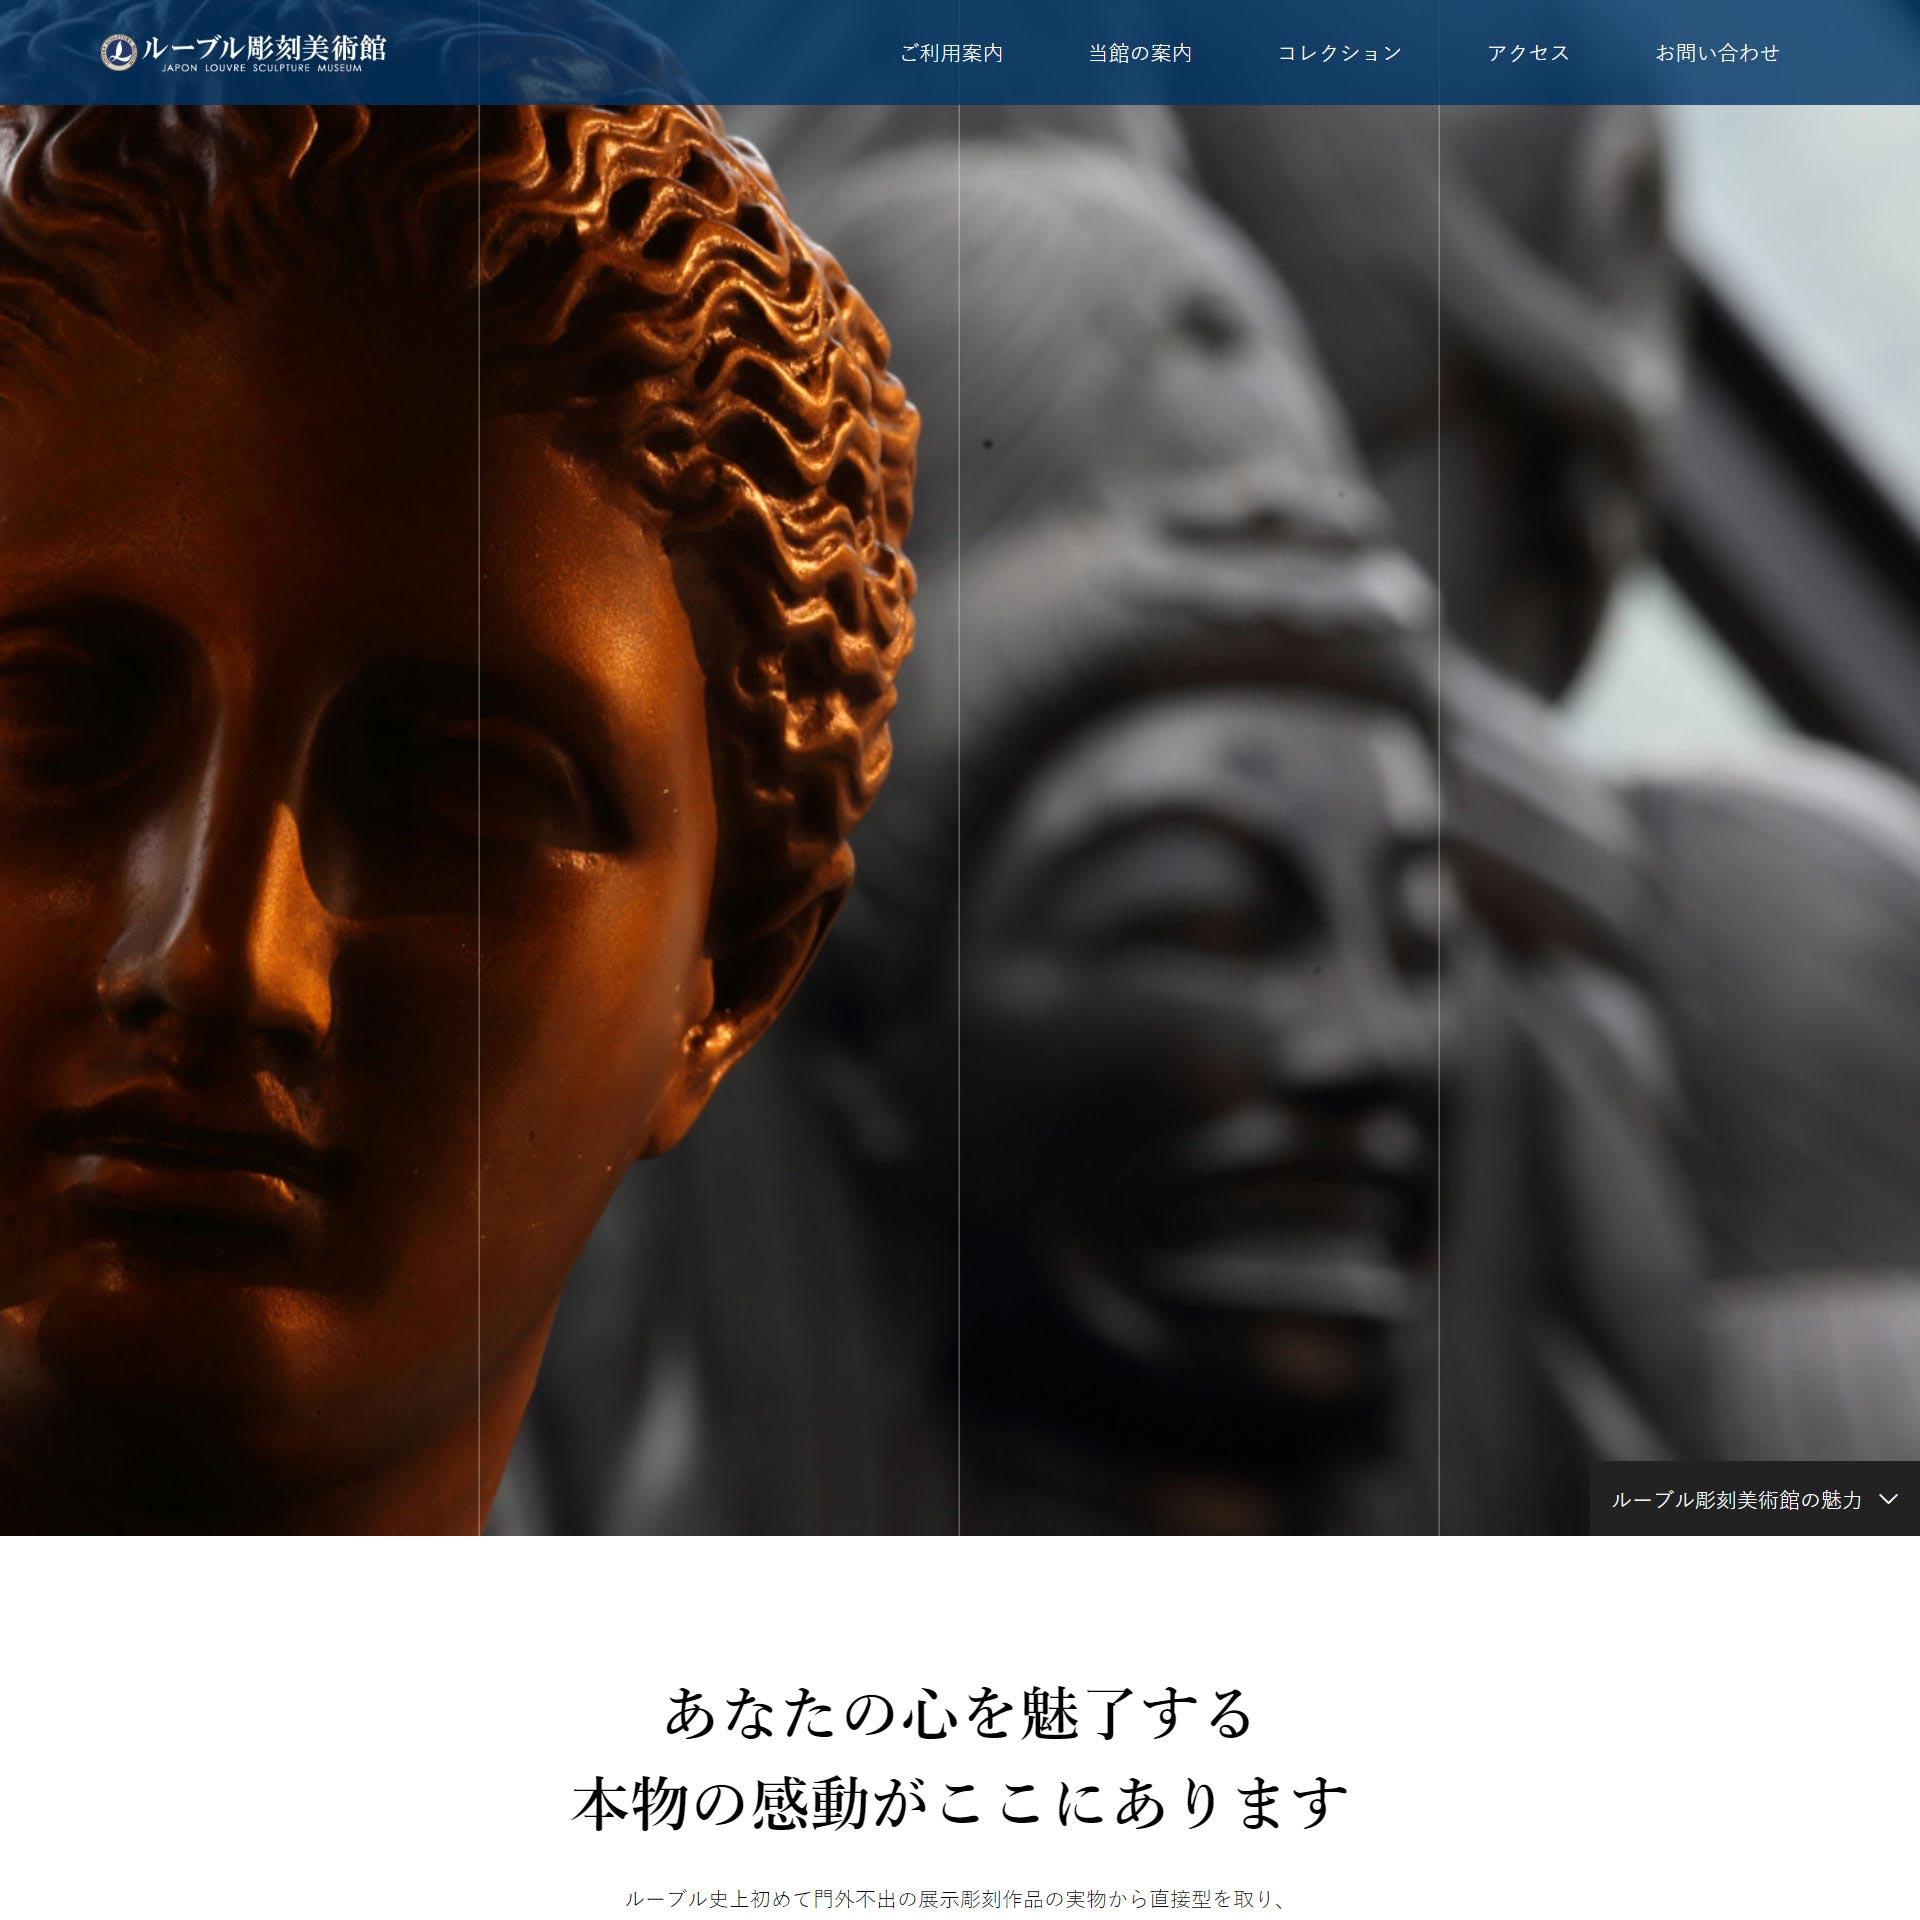 ホームページ作成実績 三重県津市の美術館HPリニューアル・WordPress構築・SEO集客コンサルティング